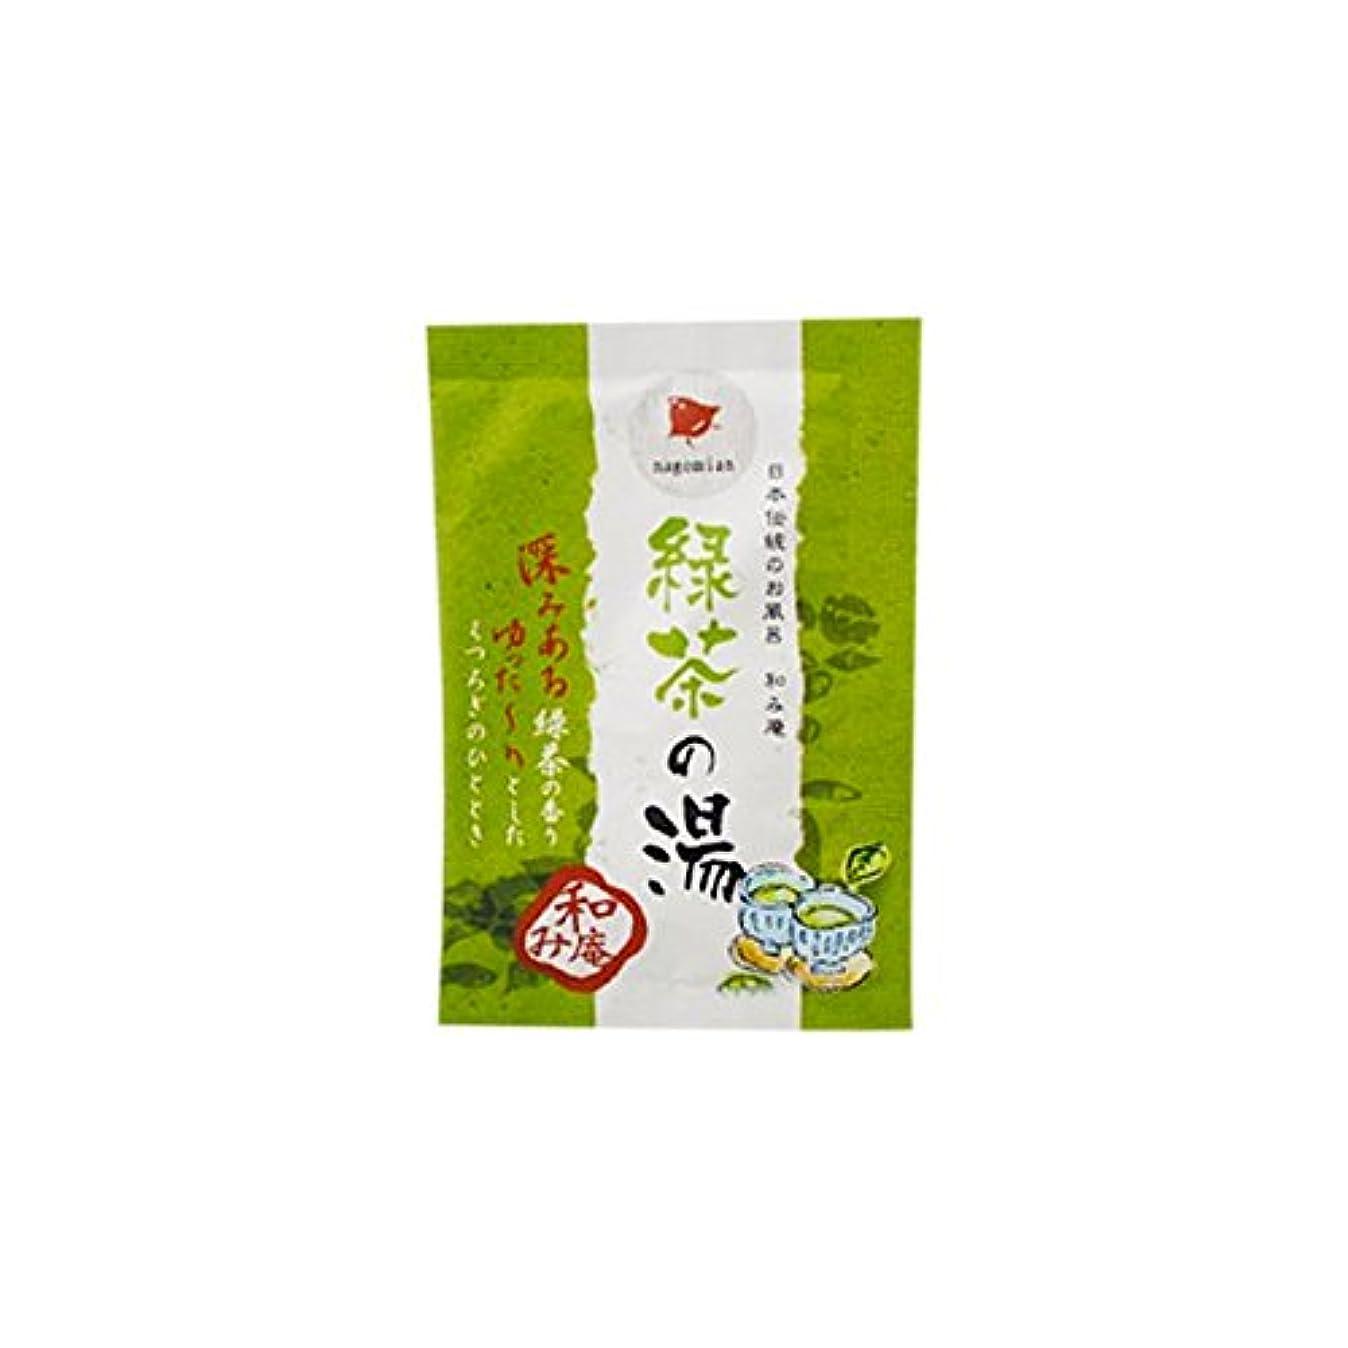 汚染判決エアコン和み庵 入浴剤 「緑茶の湯」30個